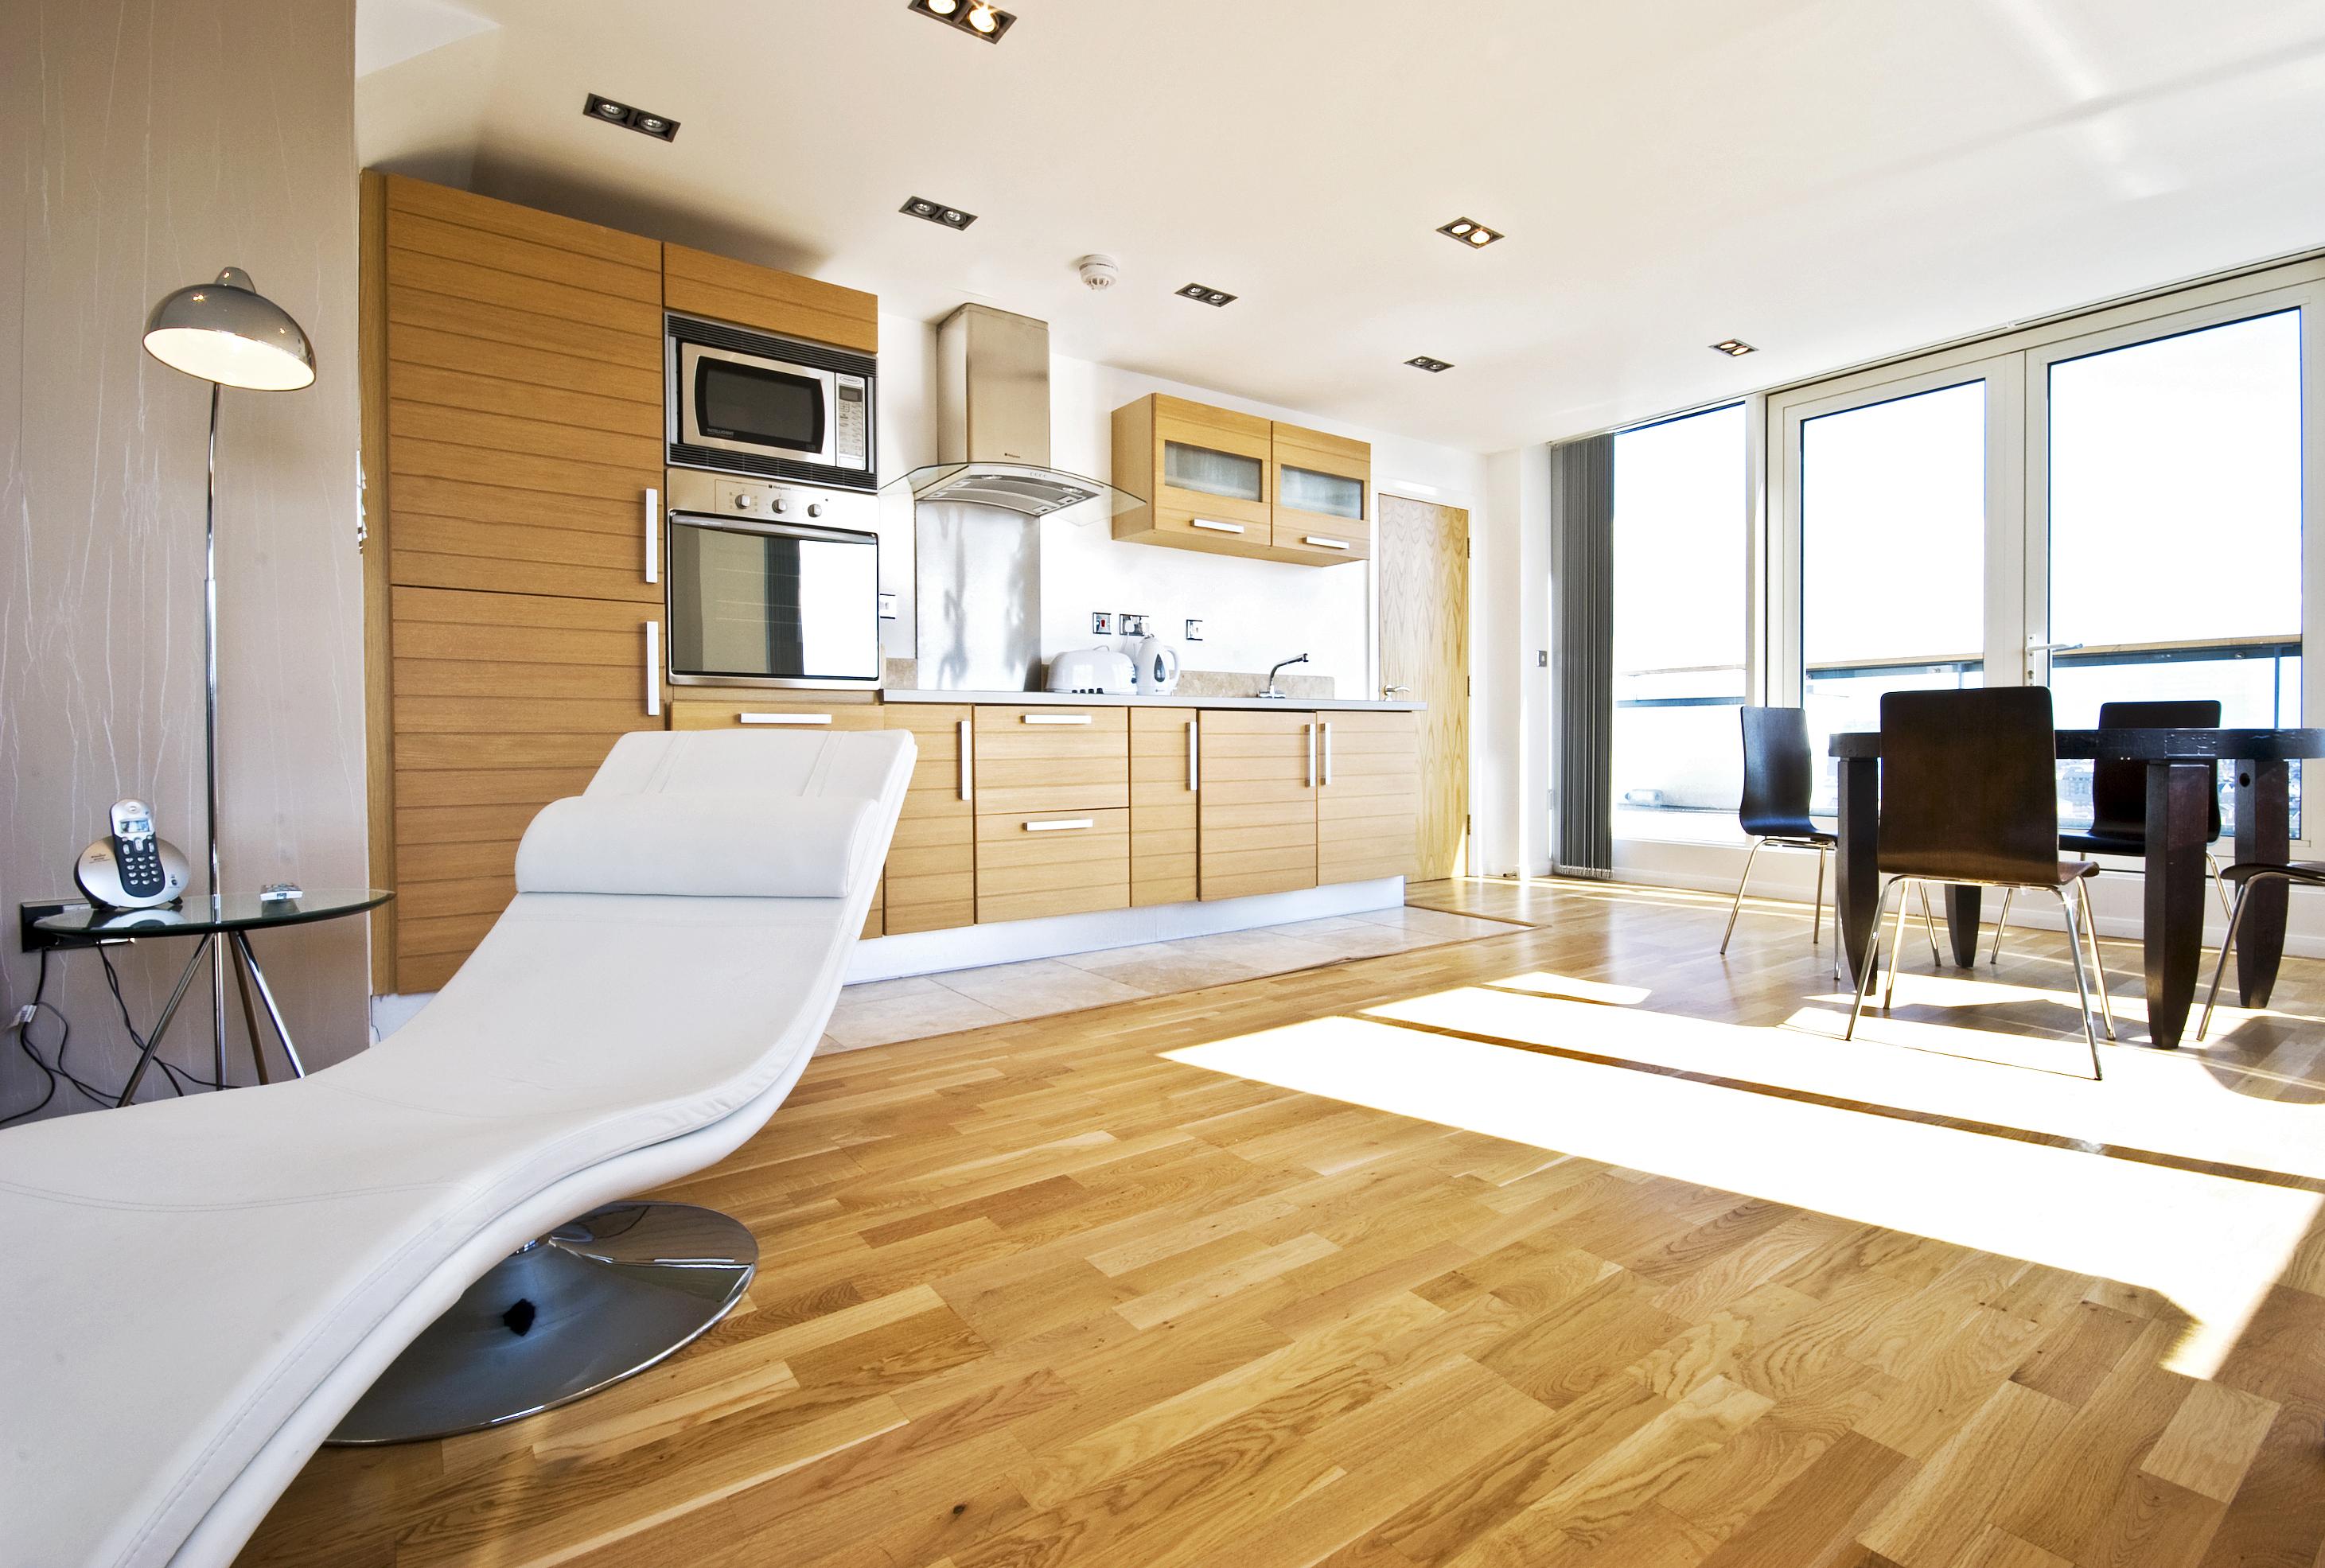 Parkett in der Küche | Küche Parkett | Parkett für Küche - SYMPARKETT